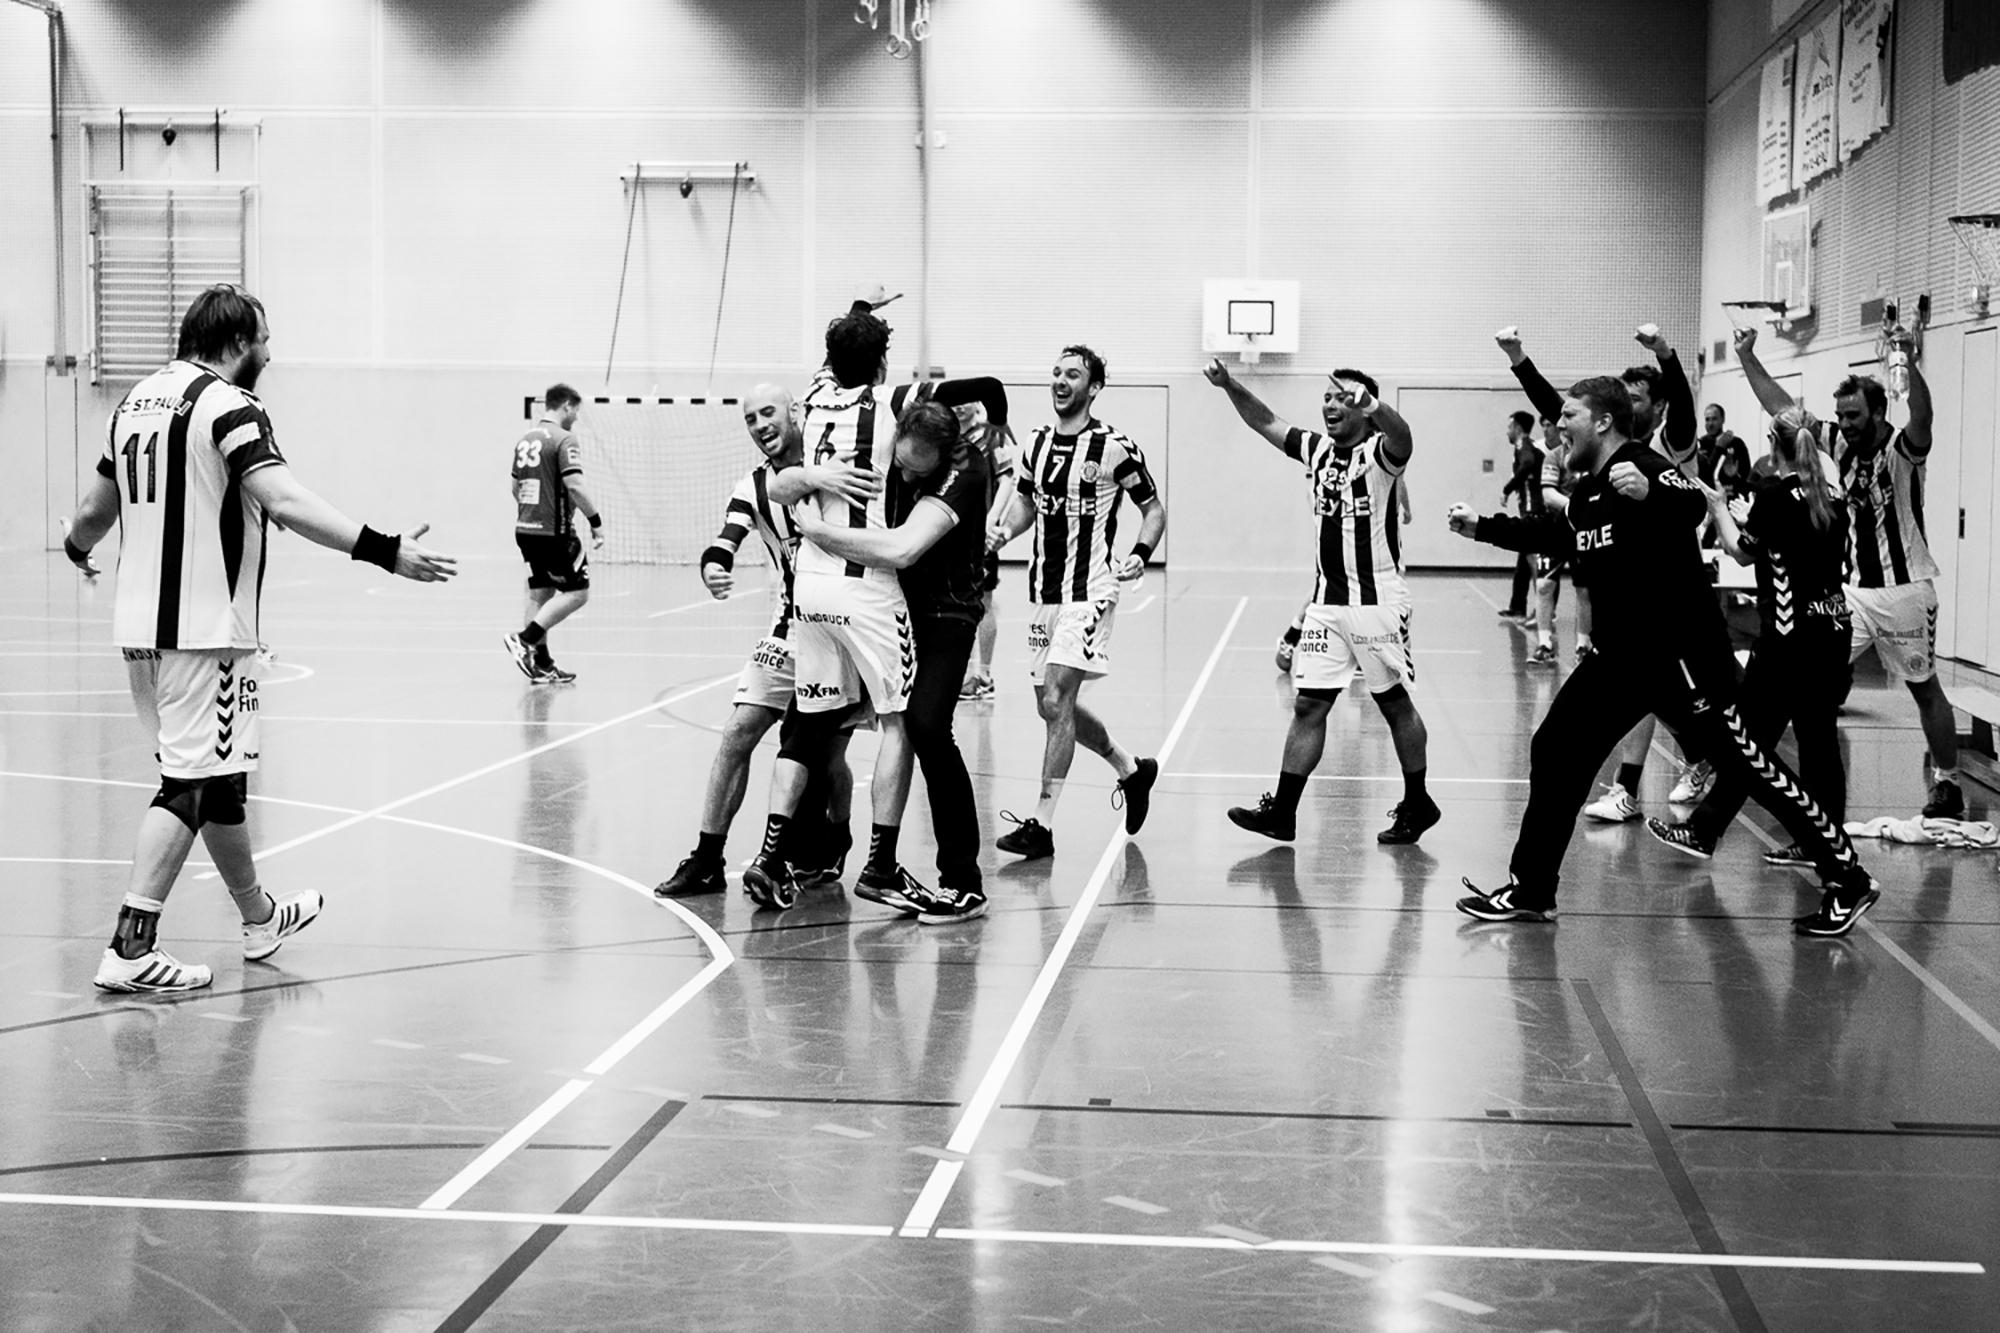 Heimauftakt unserer Handballer mit Derby gegen Drittligaabsteiger